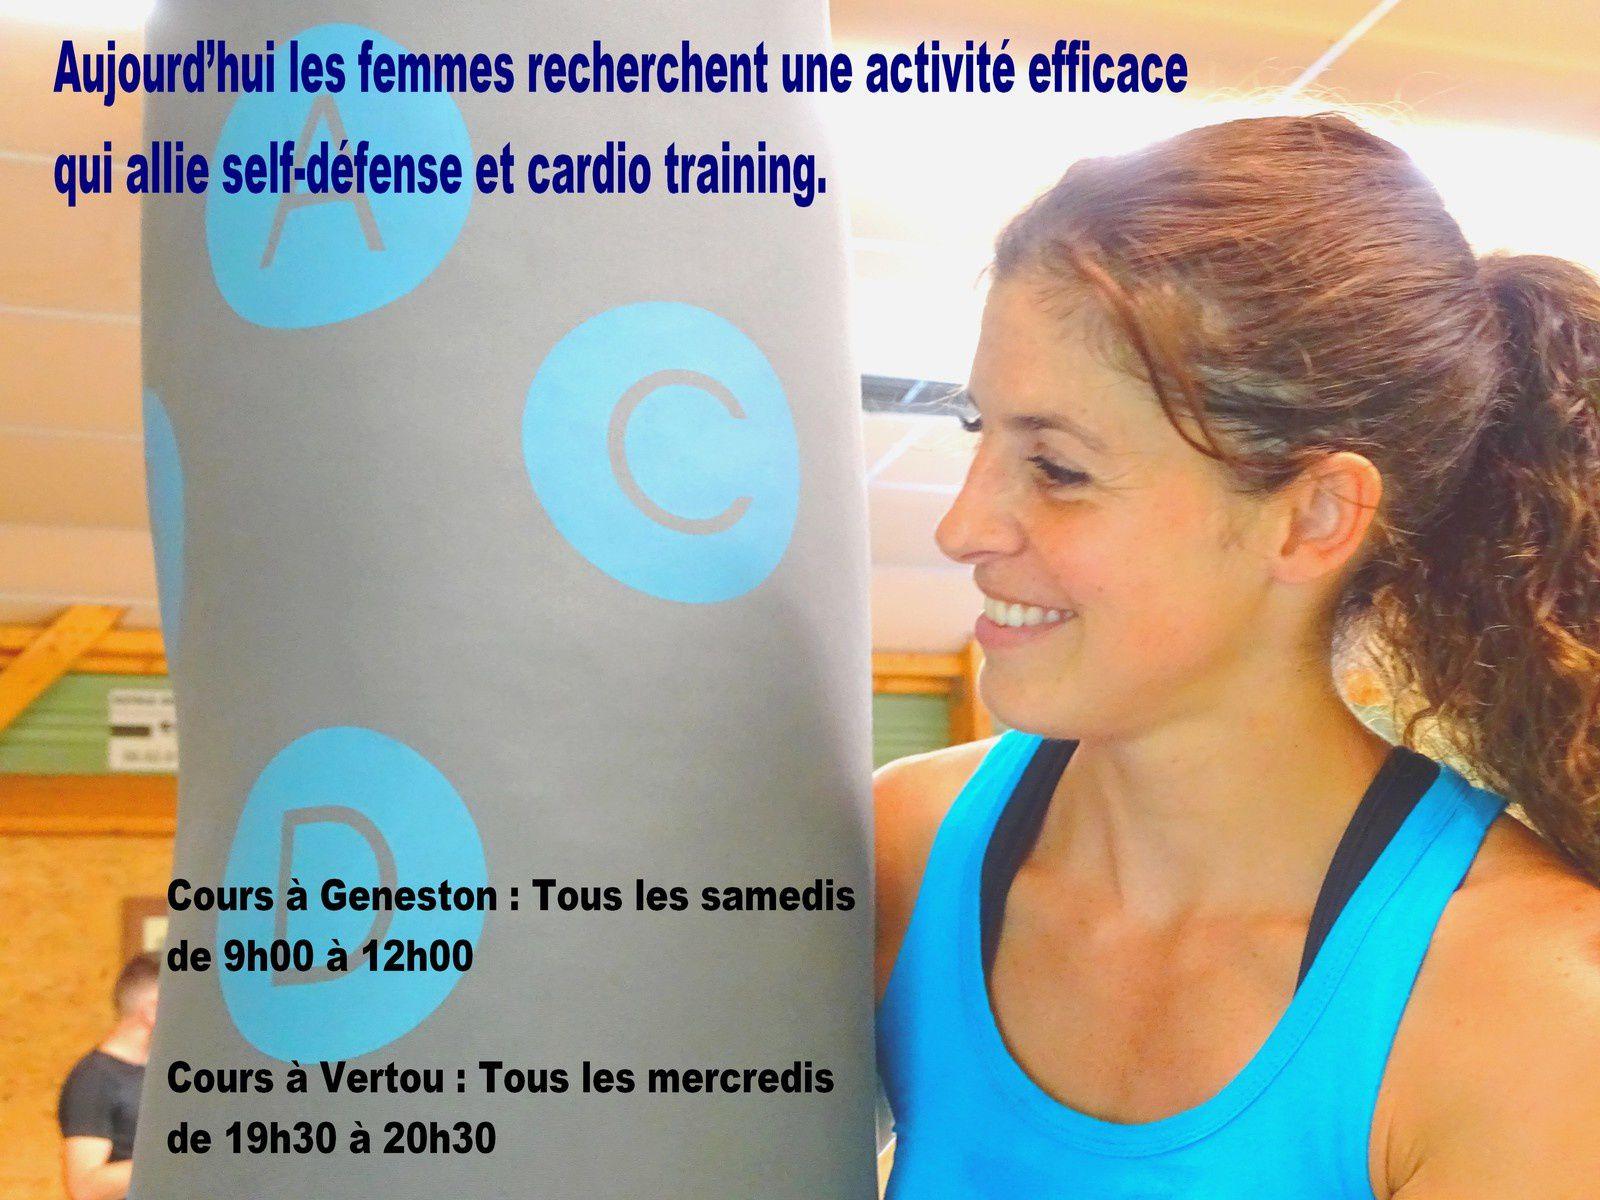 Aujourd'hui les femmes recherchent une activité efficace qui allie self-défense et cardio training. L'école du Samouraï propose un cours basé sur le cardio avec des exercices adaptés pour tous, tous les samedis matin de 9h00 à 10h00 pour les confirmées, de 10h00 à 11h00 pour les débutantes et de 11h00 à 12h00 pour les adolescentes (GENESTON) / Tous les mercredis de 19h30 à 20h30 (VERTOU) Étude sur la meilleure façon de se défendre tout en pratiquant de la boxe, du karaté et du judo.   Etre motivée c'est venir nous rencontrer et essayer un de nos cours sans engagement. Pour toutes demandes complémentaires sur les cours, les essais ou les inscriptions, merci d'adresser un email à clubdekarate44@gmail.com en précisant le cours et l'école de karaté, le nom et prénom, l'âge et le motif de la demande afin de répondre au plus vite à votre demande. Les cours sont préparés par un coach diplômé d'état.